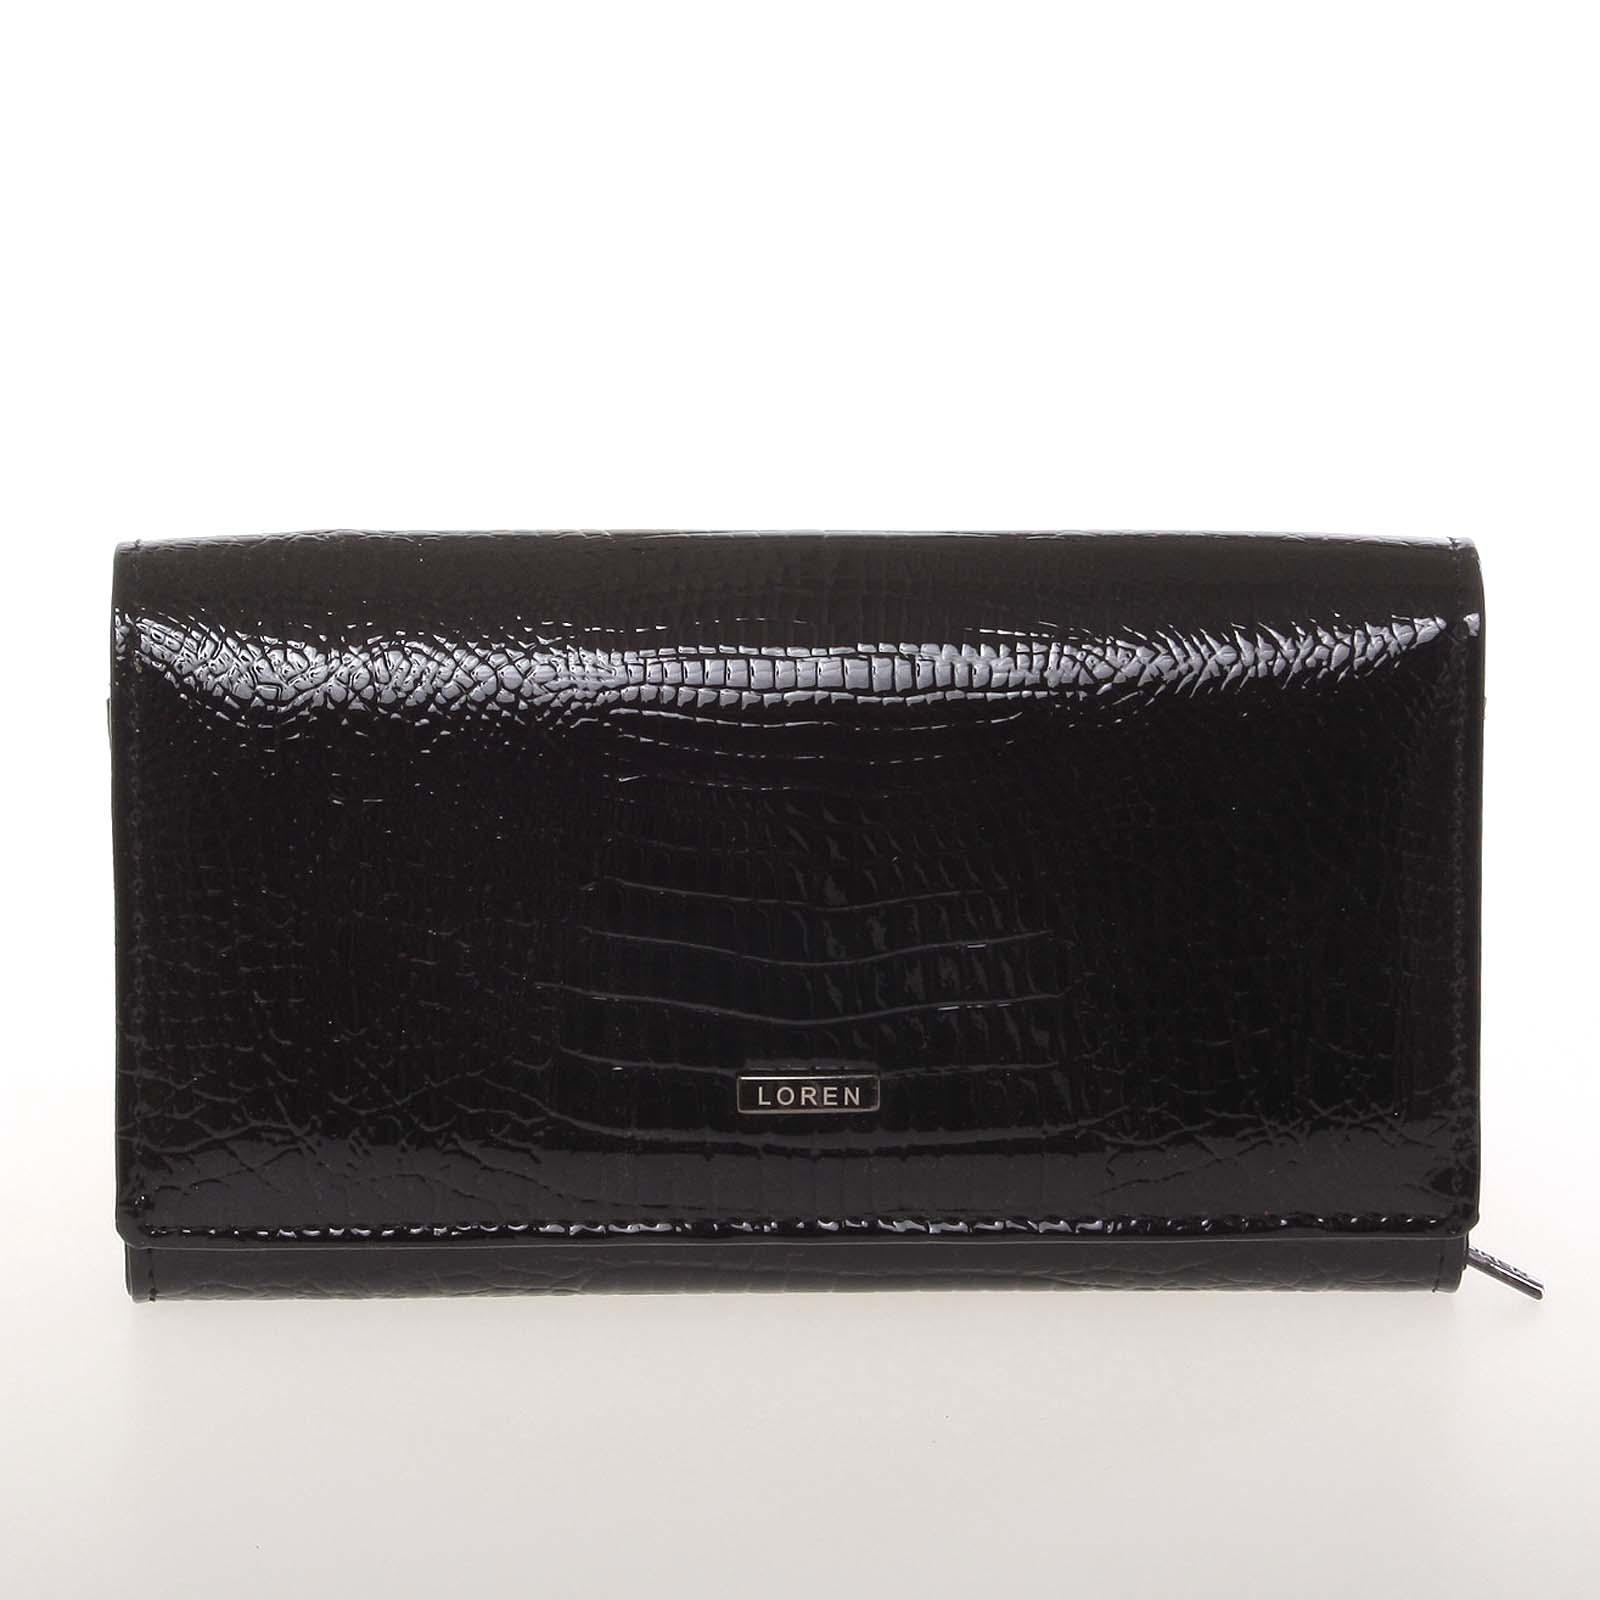 Střední kožená lakovaná dámská peněženka černá - Loren 72035RS LOREN